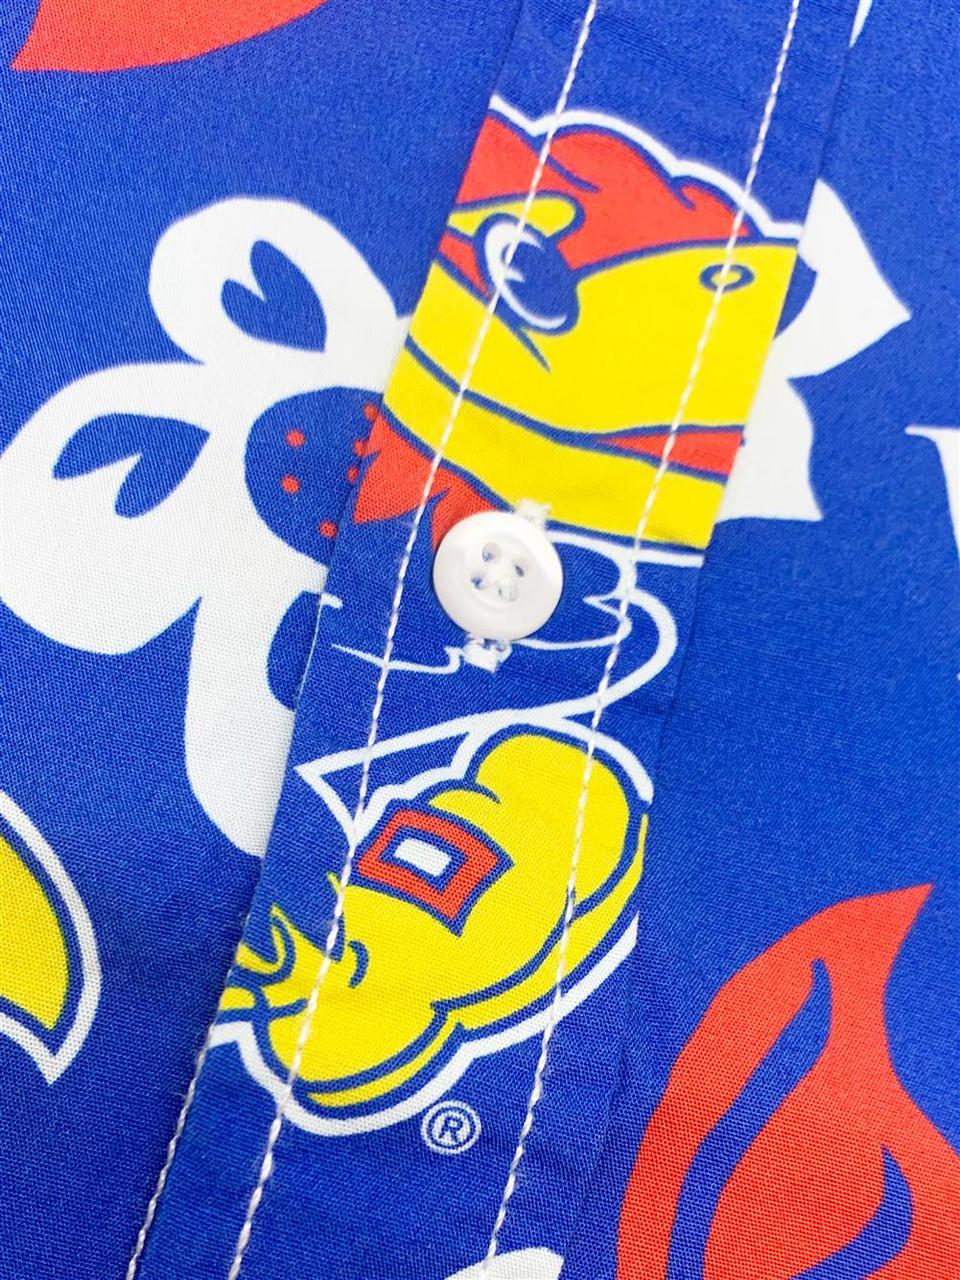 Men's Auburn University Tigers Floral Shirt Button Up Beach Shirt